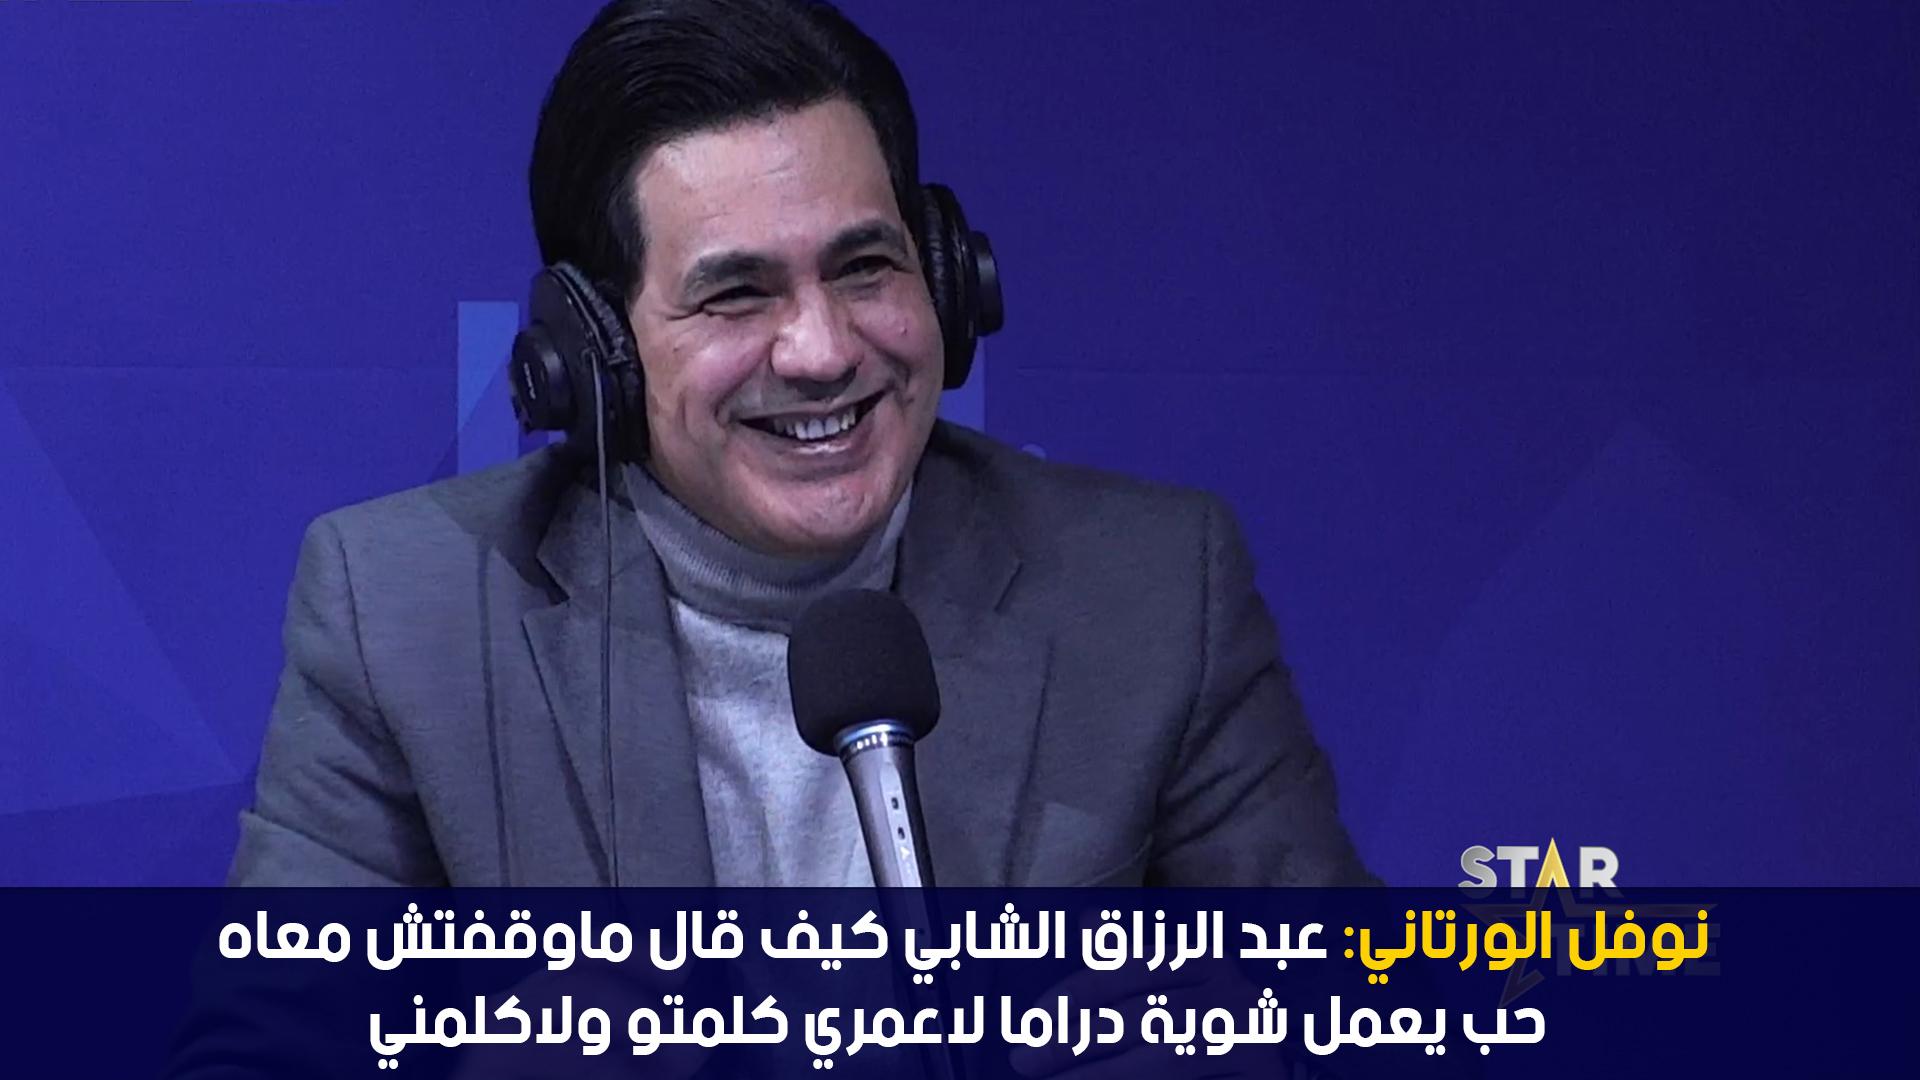 نوفل الورتاني: عبد الرزاق الشابي كيف قال ماوقفتش معاه حب يعمل شوية دراما لاعمري كلمتو ولاكلمني